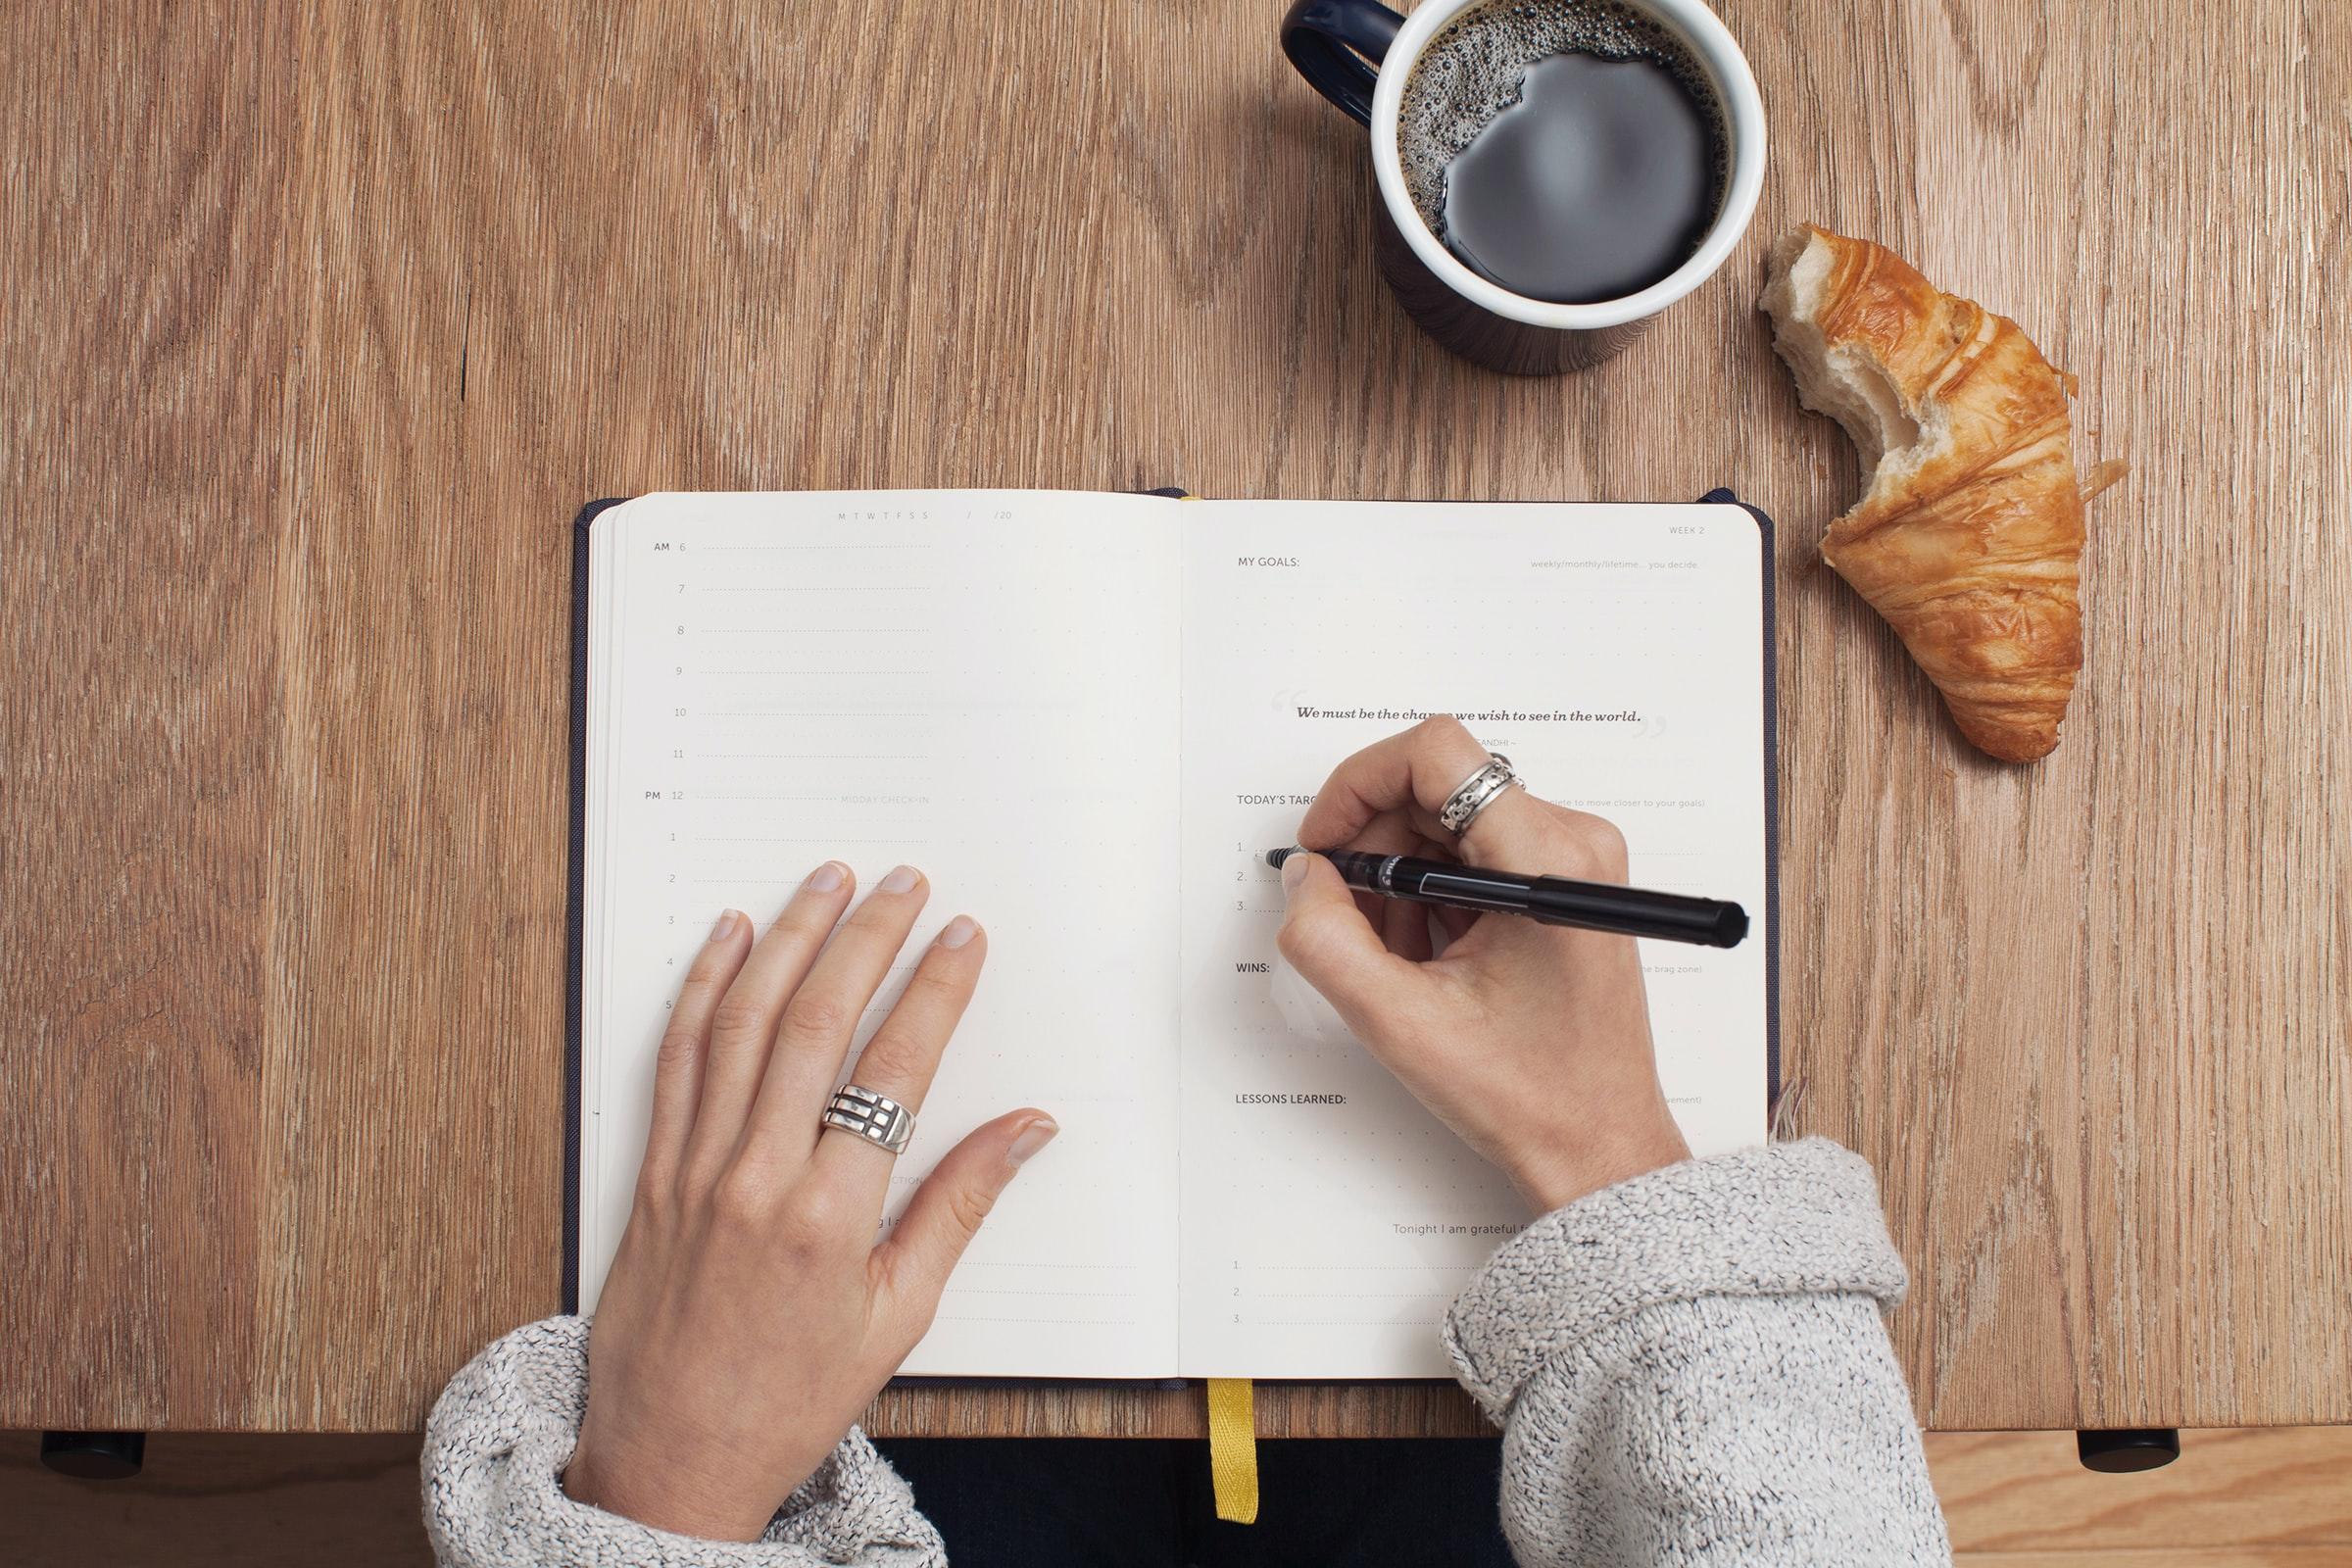 仕事の逃げ癖を治したい時の5つの改善策